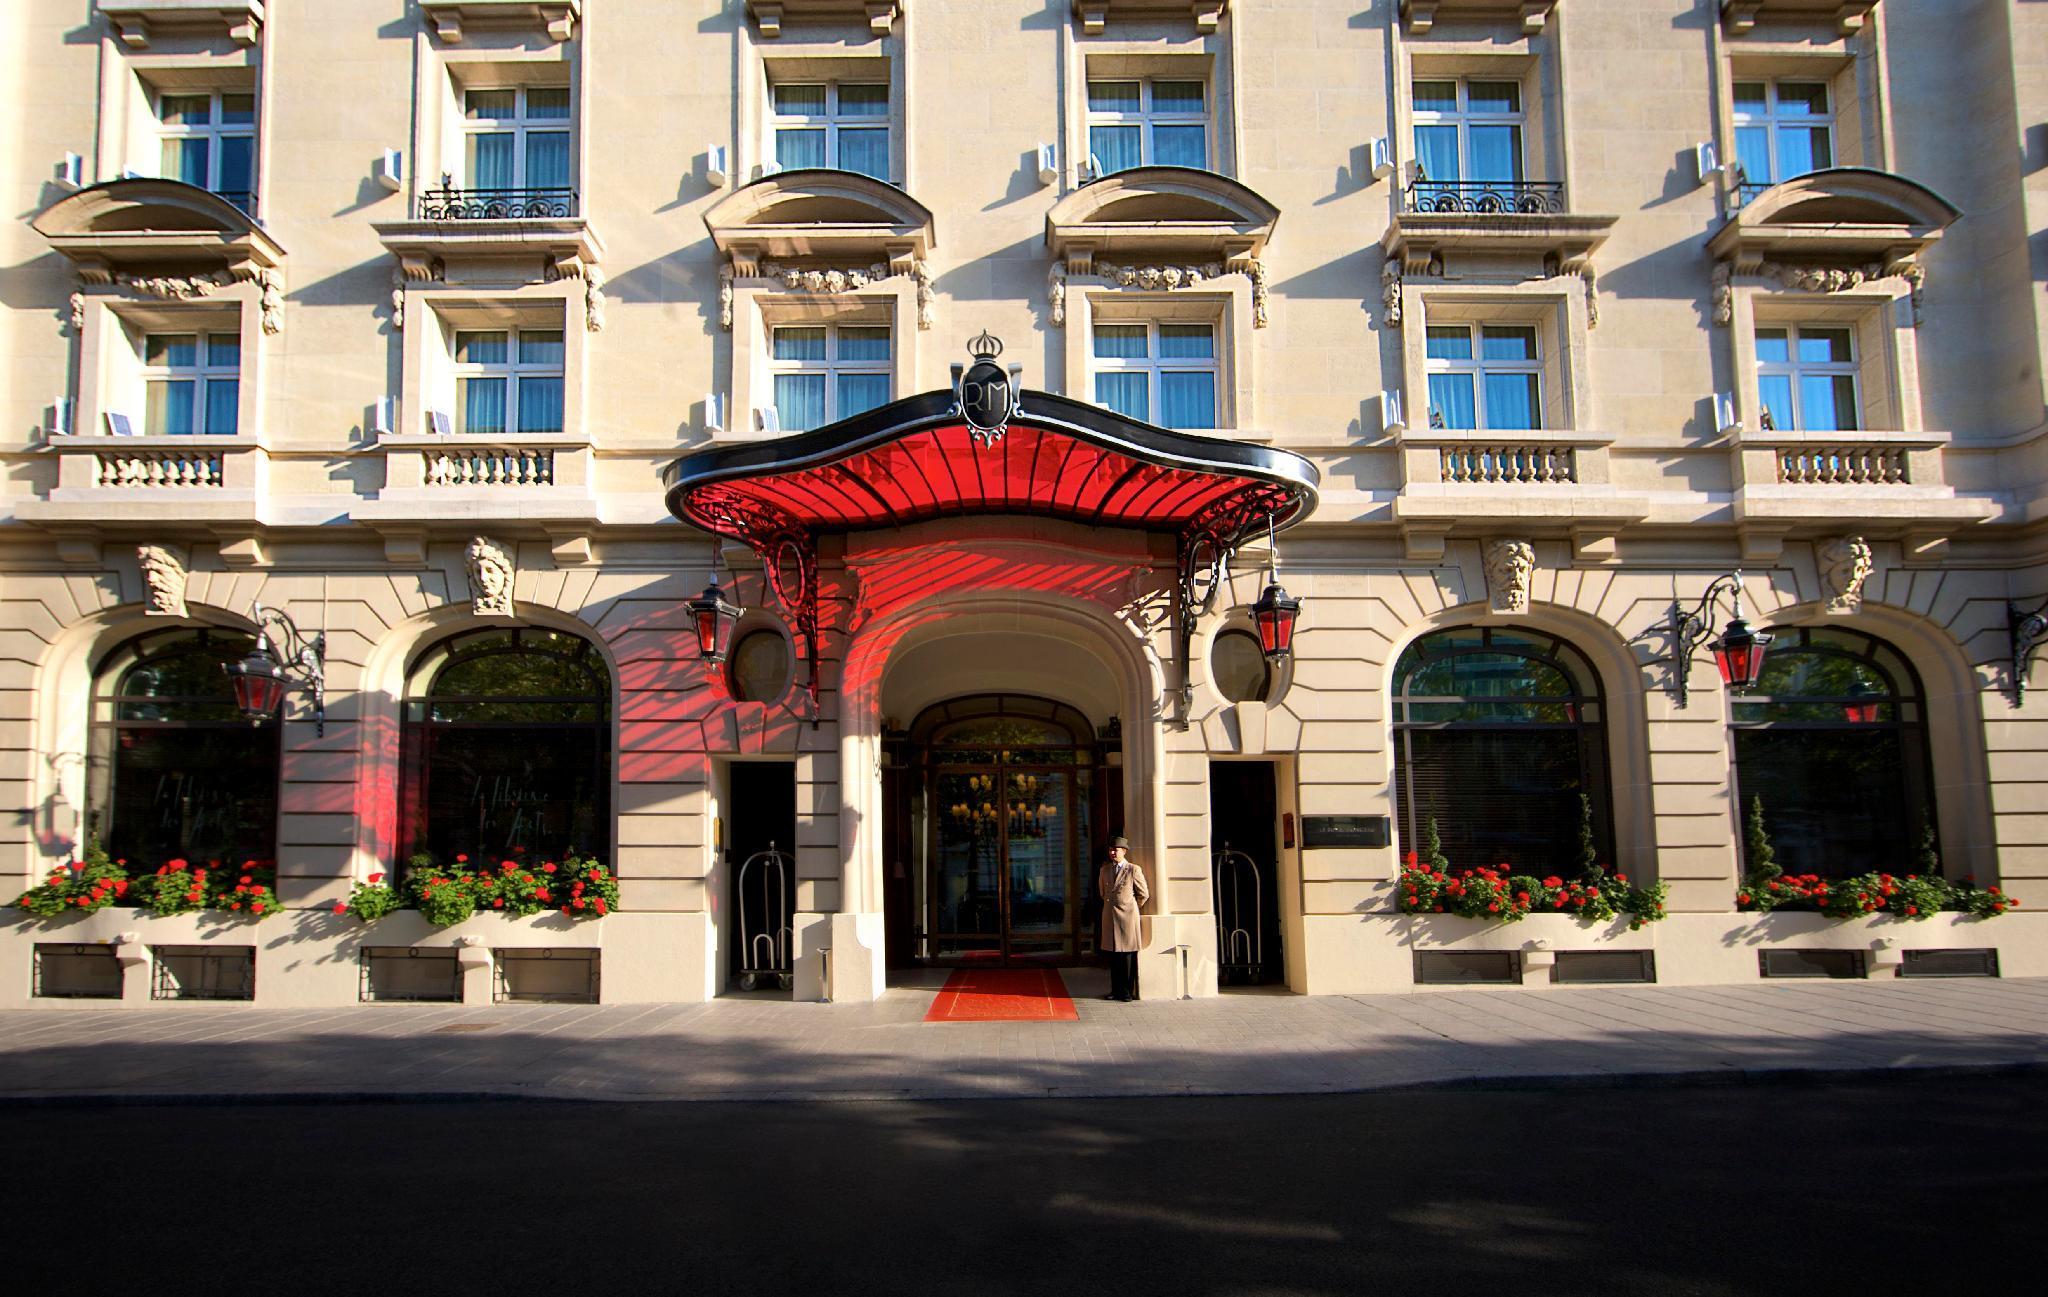 Le Royal Monceau Hotel Raffles Paris